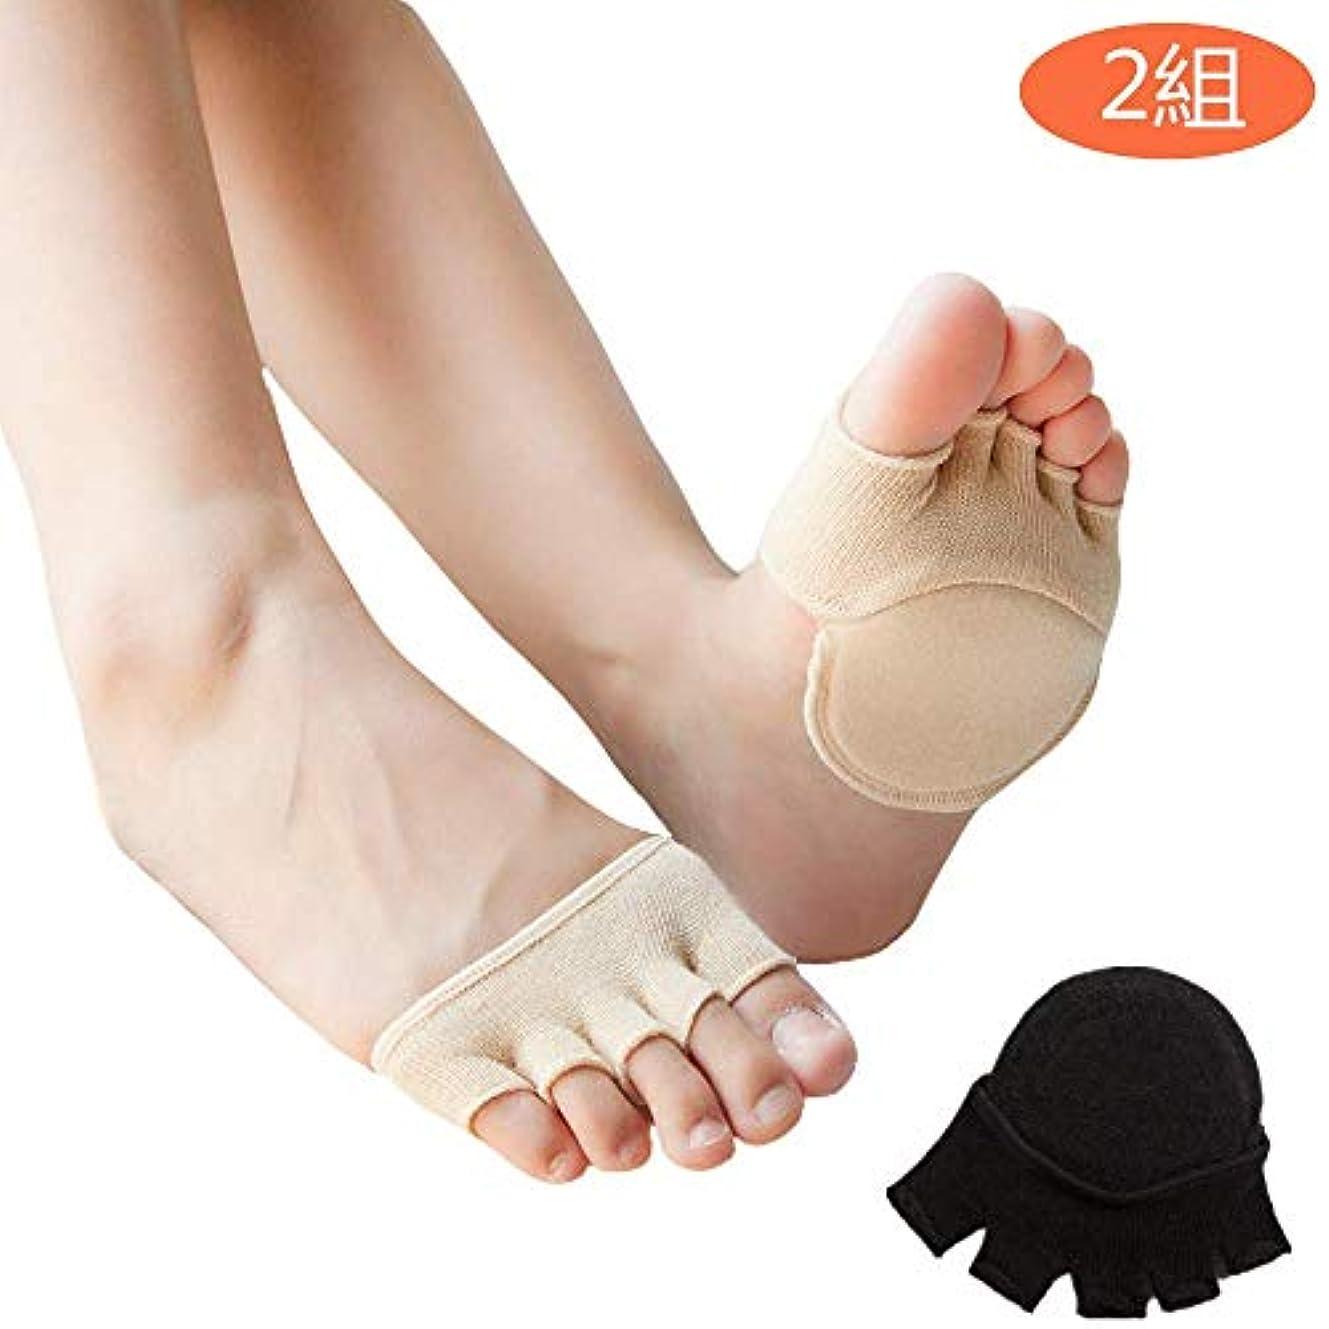 ランデブー証書衛星つま先 5本指 足底クッション付き 前足サポーター 足の臭い対策 フットカバー ヨガ用靴下 浅い靴下半分つま先 夏 超薄型 (2組)